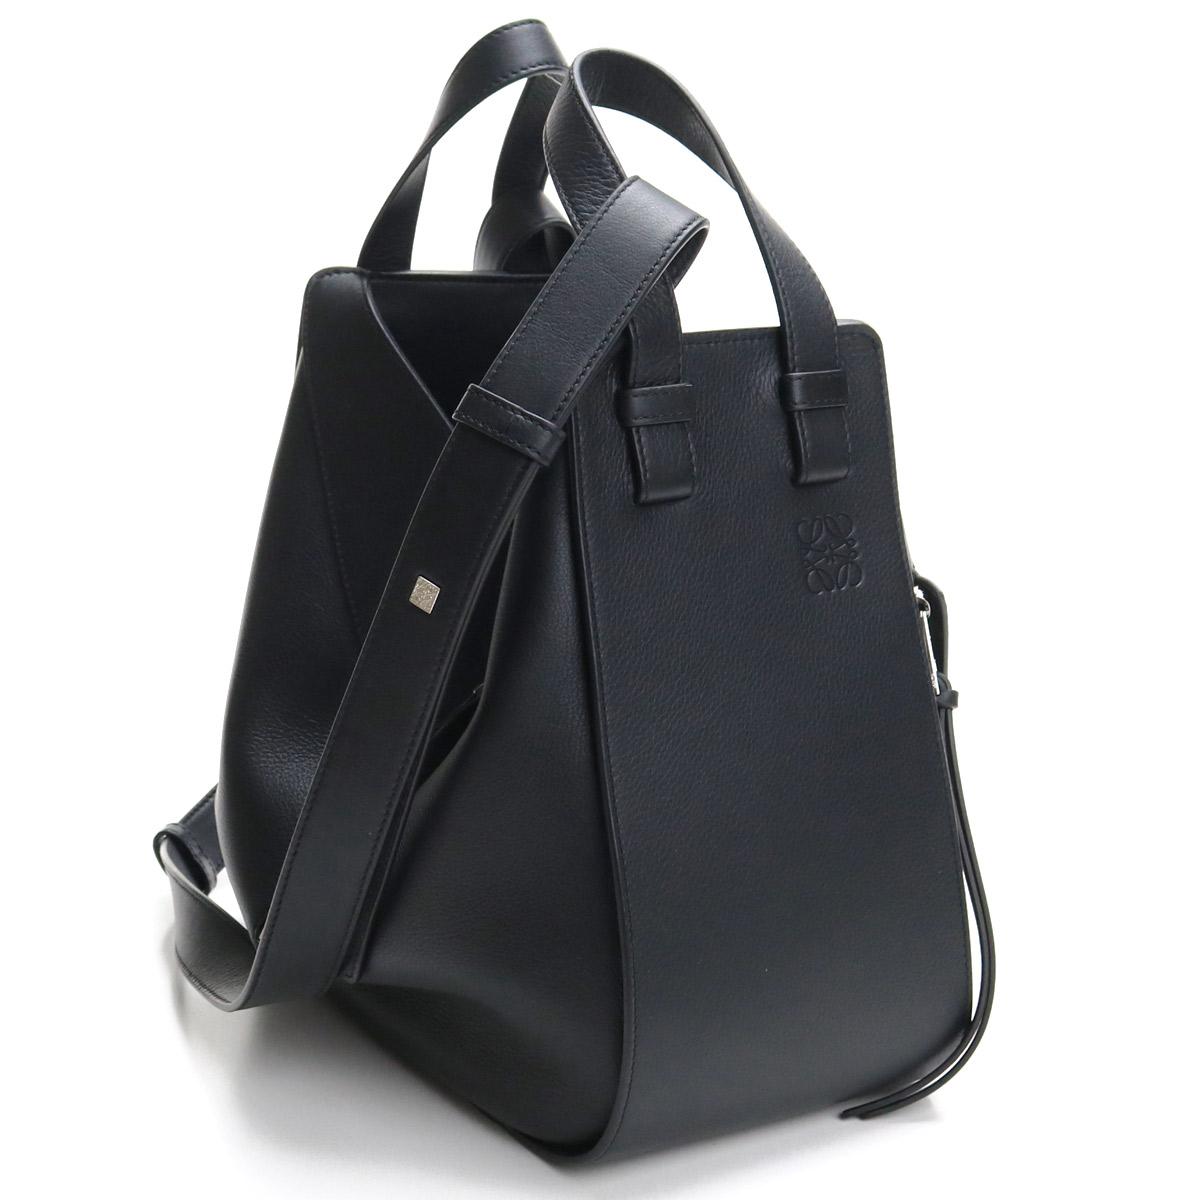 ロエベ LOEWE Hammock Drawstring Small Bag ハンモック スモールバッグ ハンドバッグ 387.30.S35 1100 BLACK ブラック 【レディース】